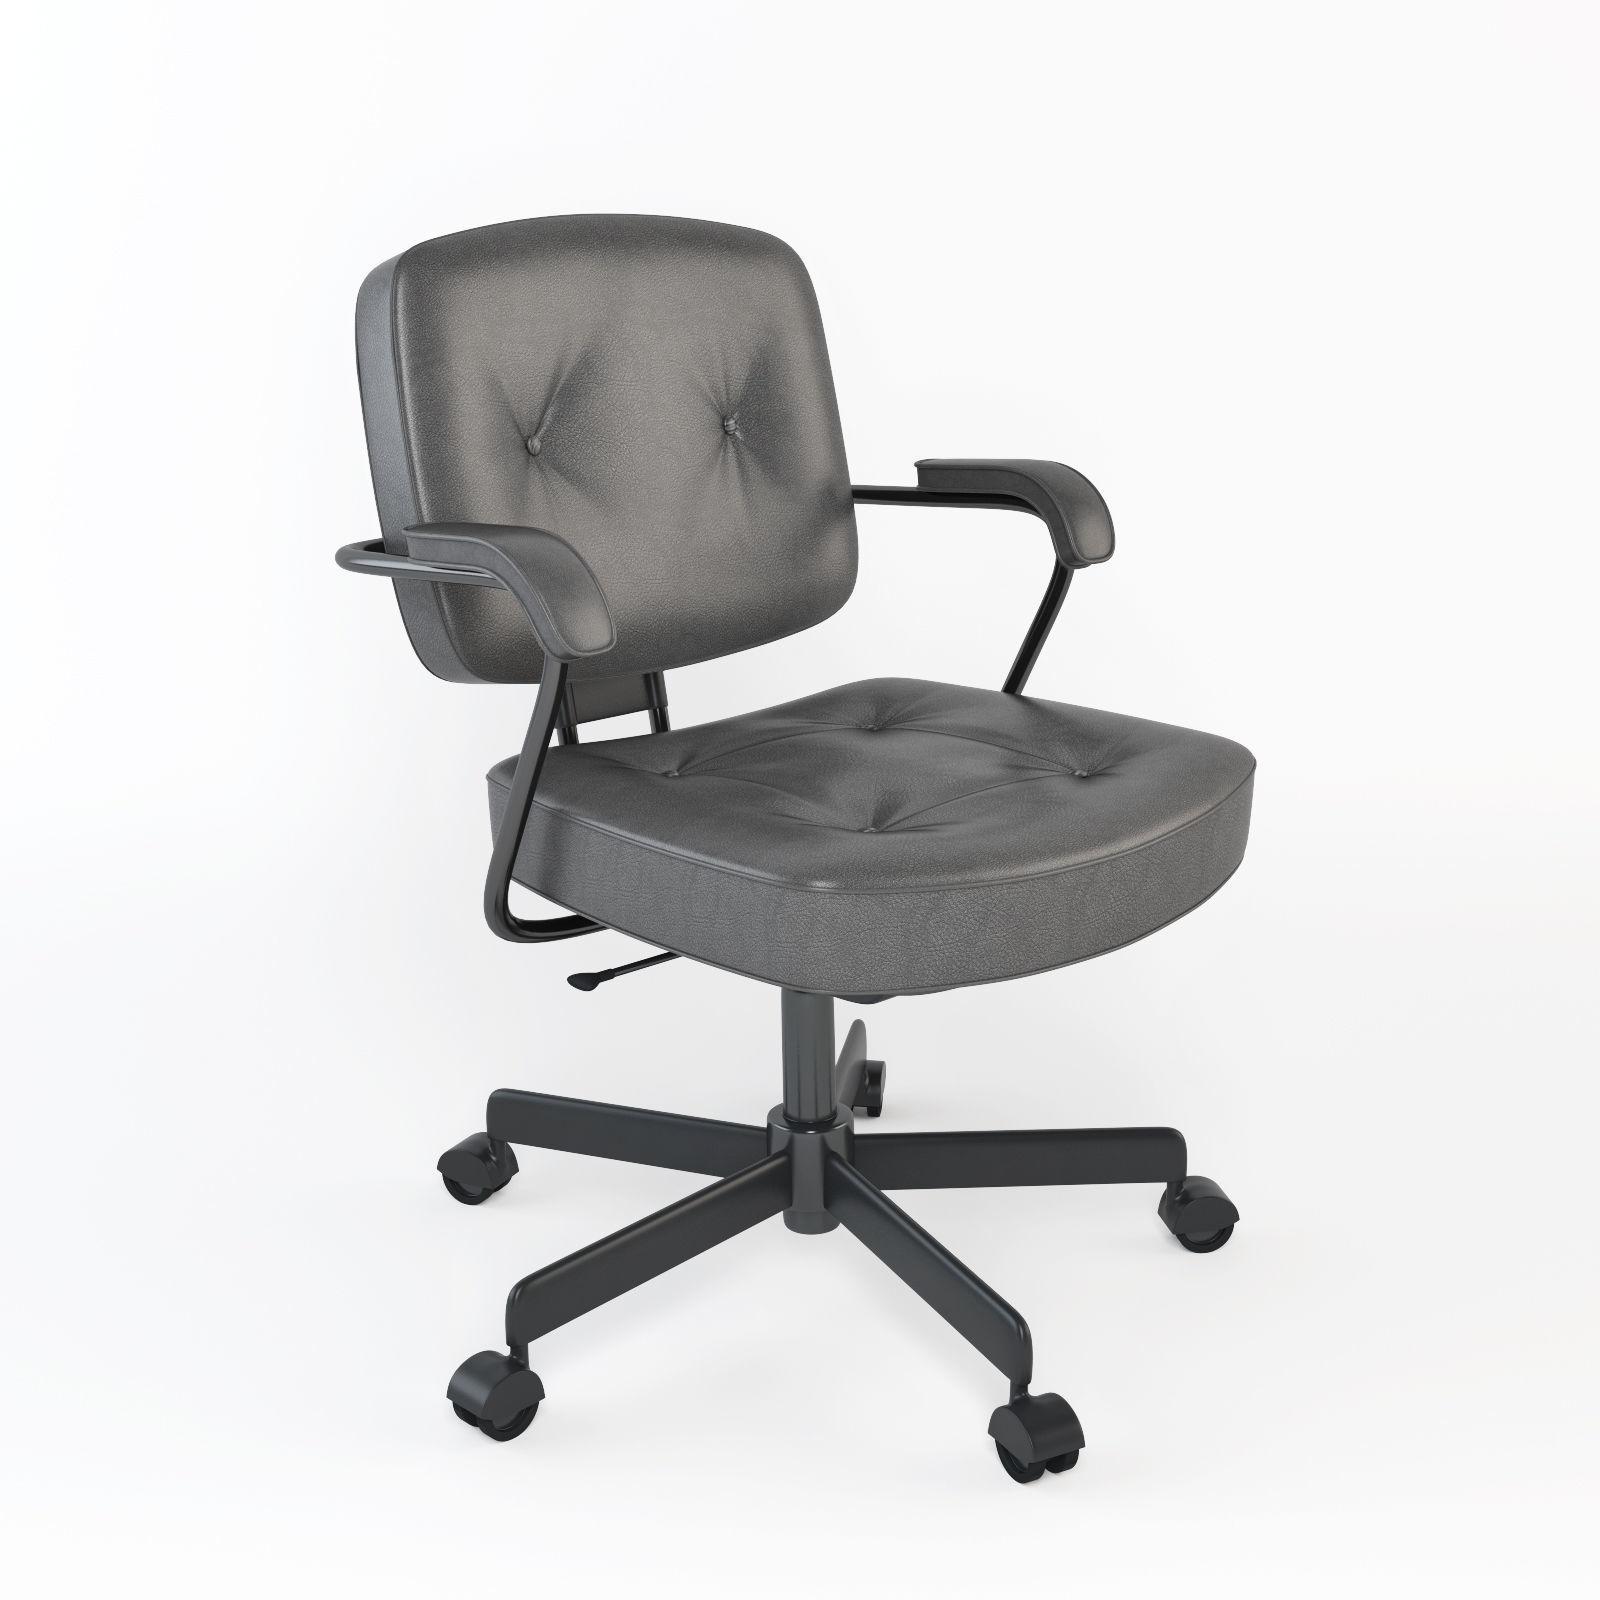 Office Chair Like Ikea Alefjall